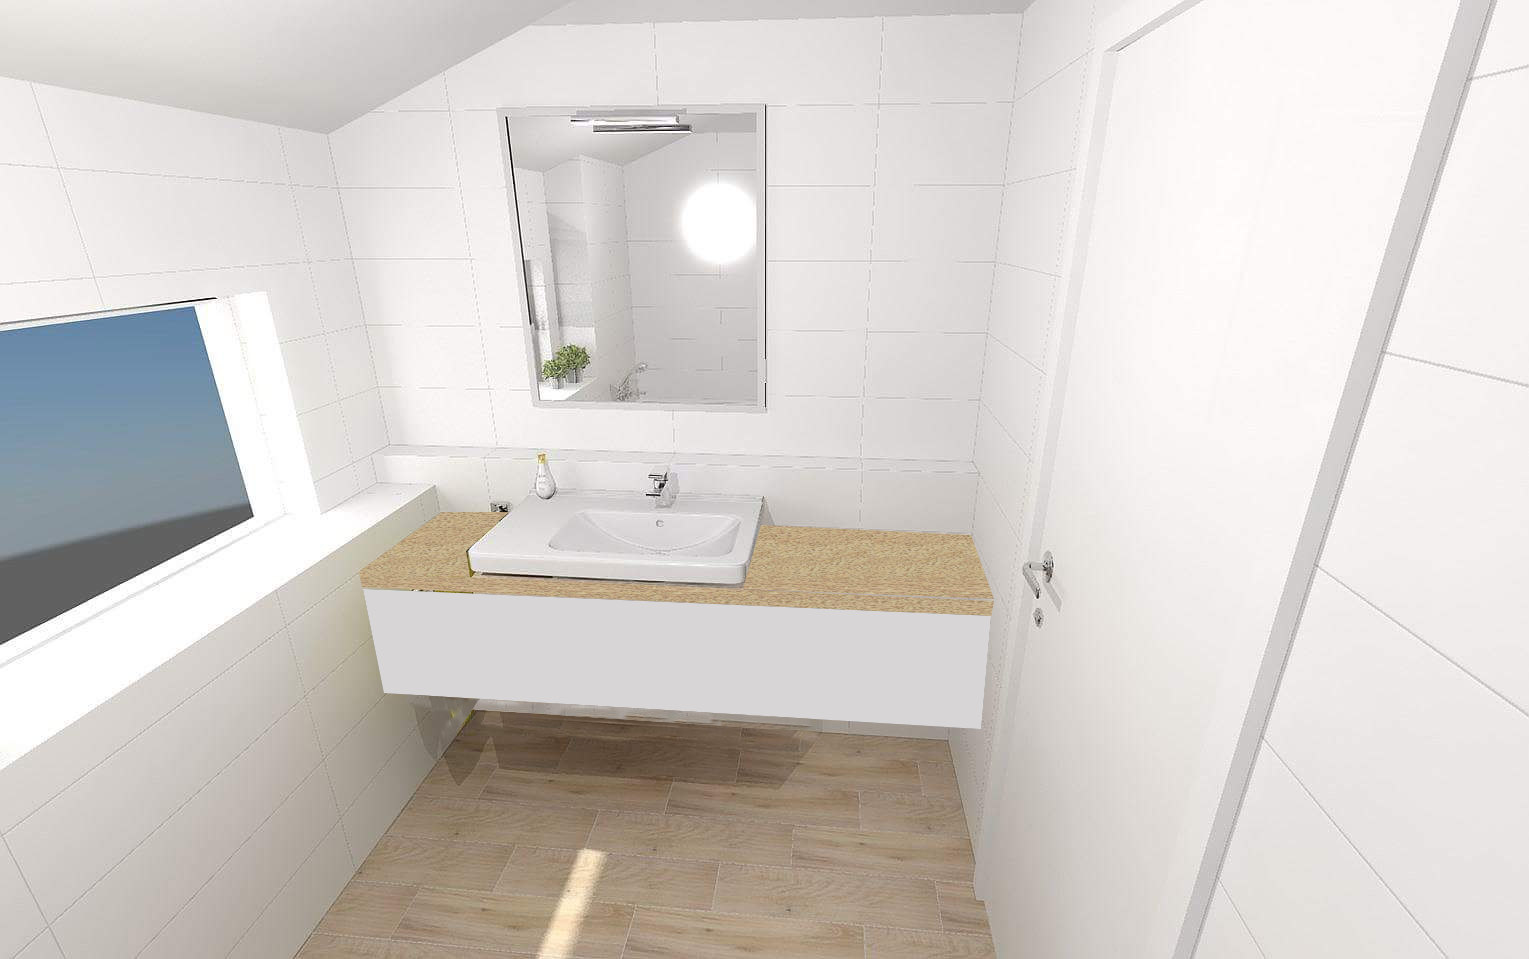 Vizualizace koupelen v našem Kubisu 74 :) - v horní koupelně máme představu o skříňce v tomto stylu (+ zrcadlo přes celou stěnu) - dodávka vlastní